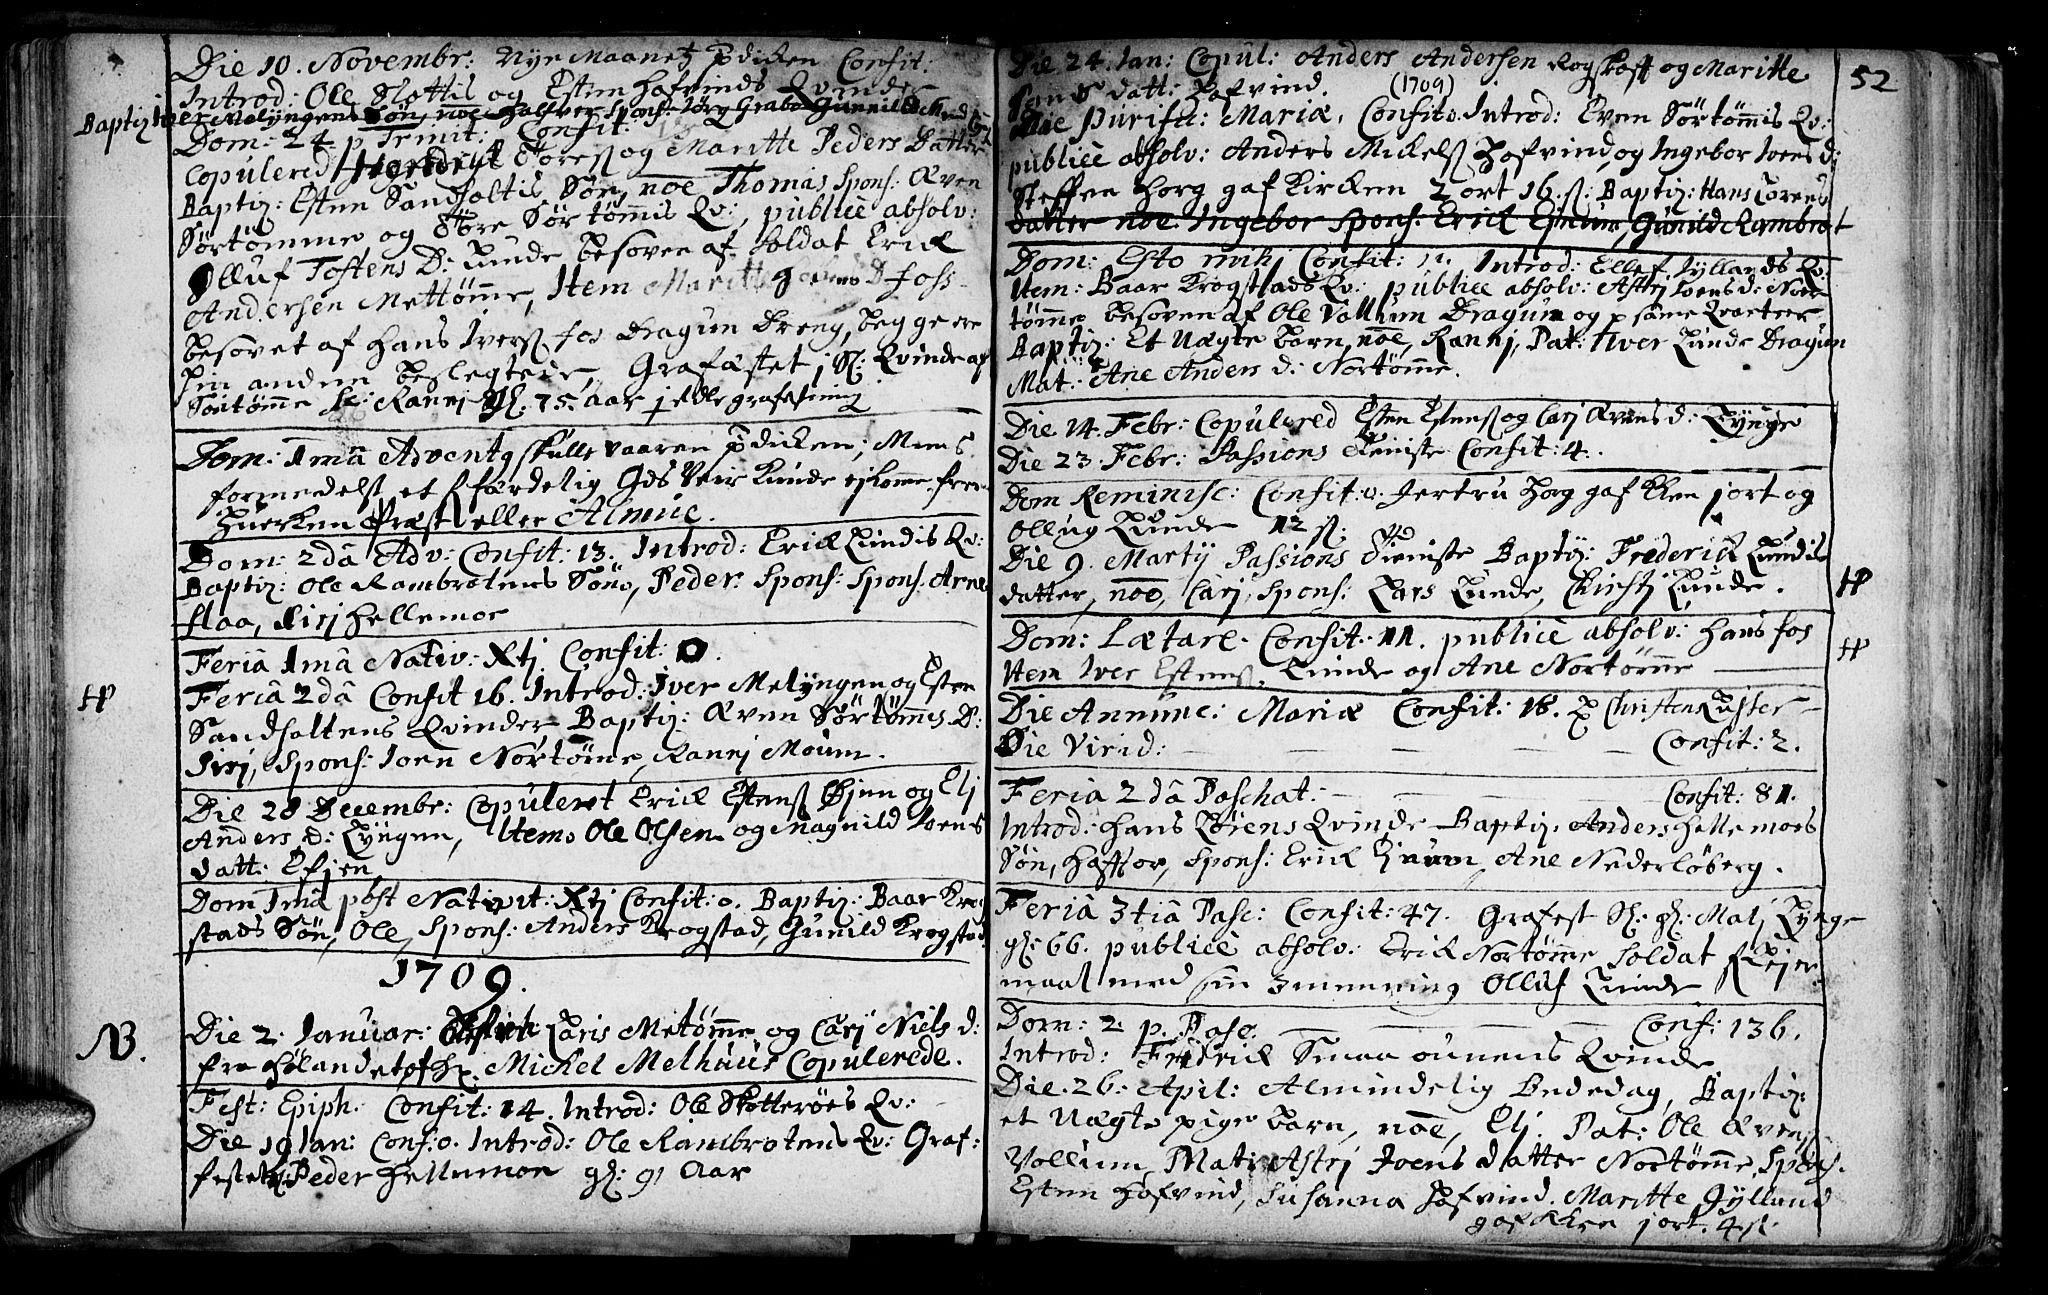 SAT, Ministerialprotokoller, klokkerbøker og fødselsregistre - Sør-Trøndelag, 692/L1101: Ministerialbok nr. 692A01, 1690-1746, s. 52